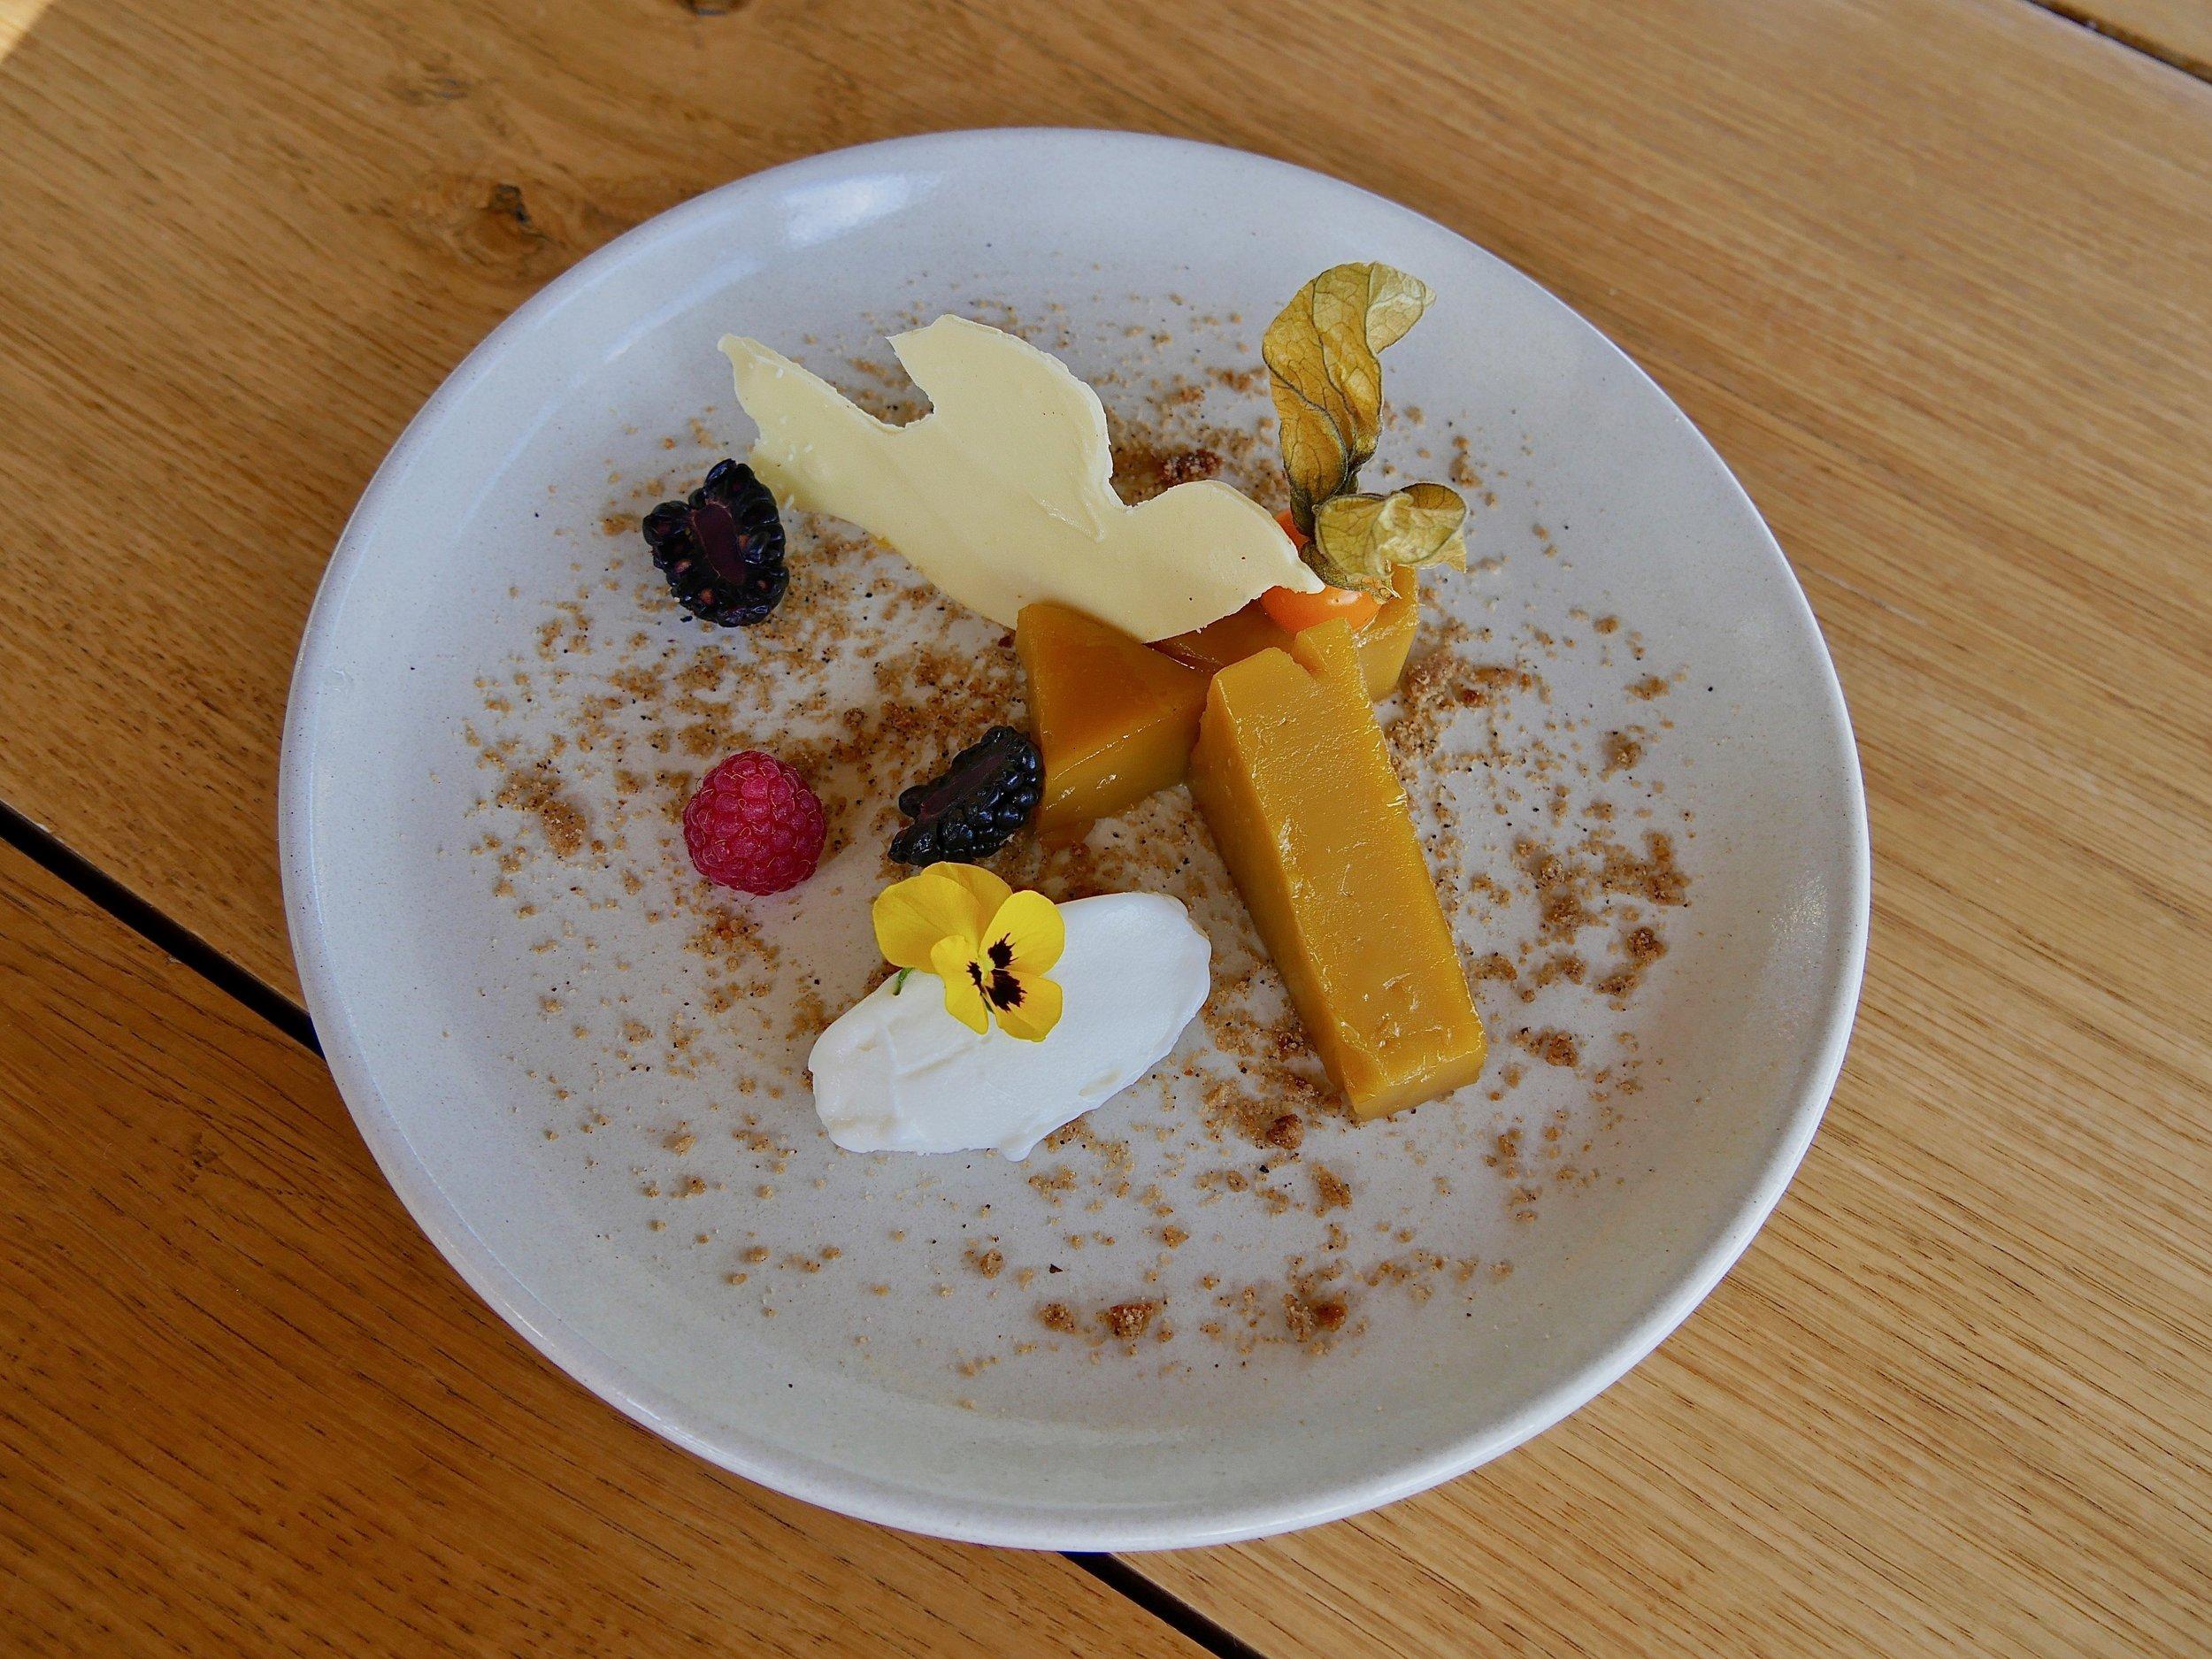 L'Abade de Prisco, flan portugais riche en caramel, couronné par notre oiseau de Quinta do Tedo en chocolat blanc, parfait pour accompagner l'un de nos Portos Tawny.